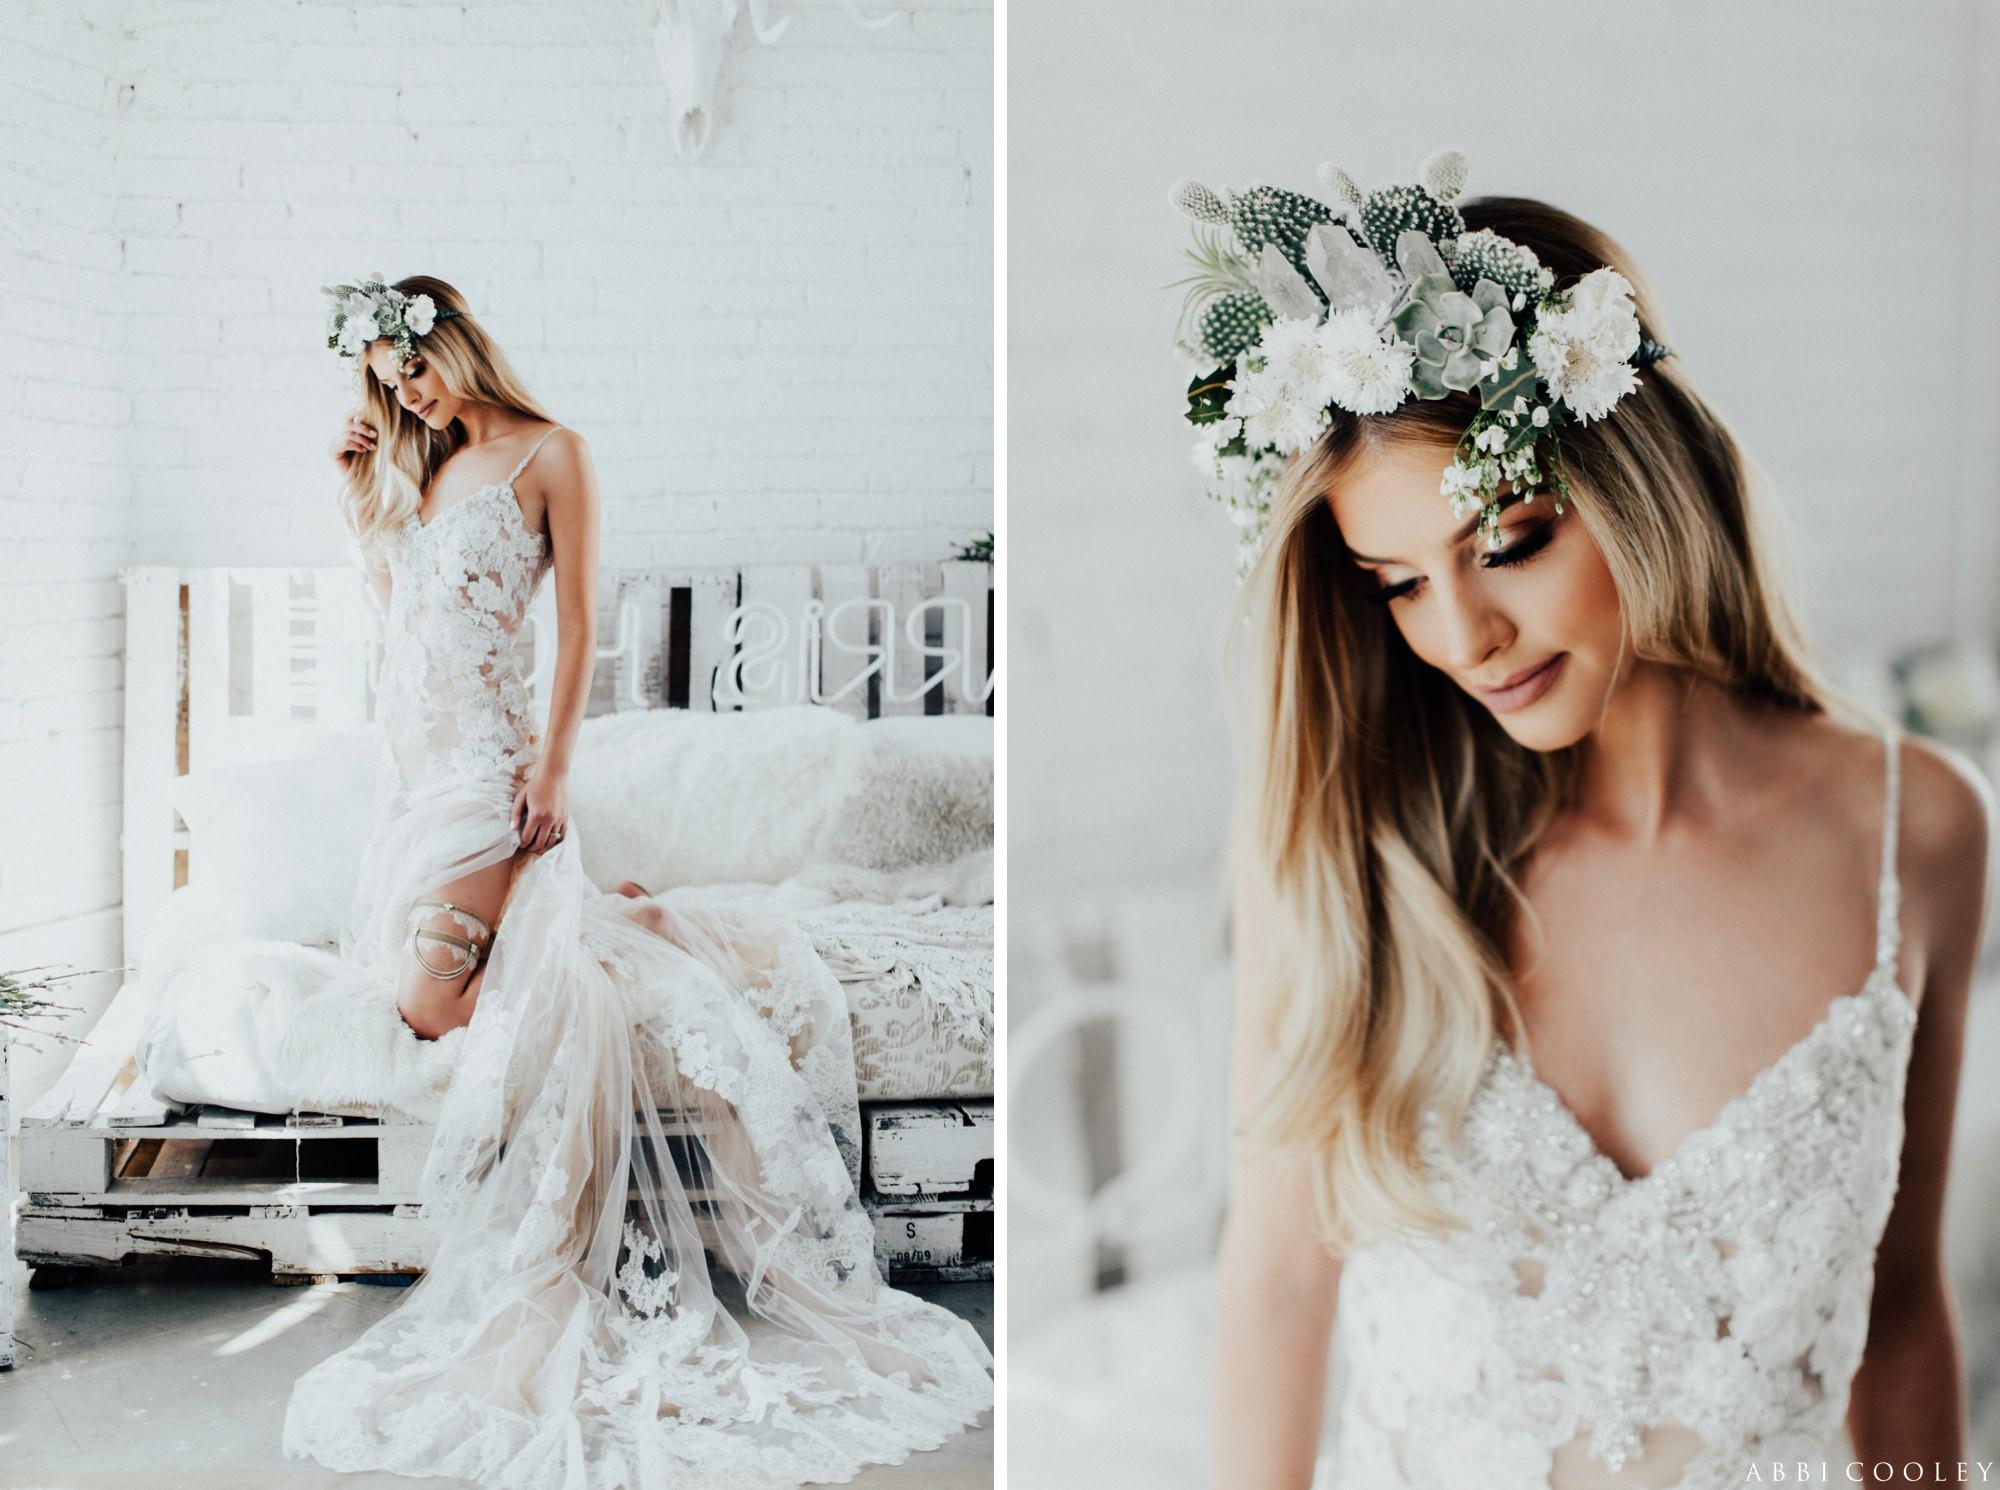 floral bridal head piece The Veiled Beauty 2017 Lookbook